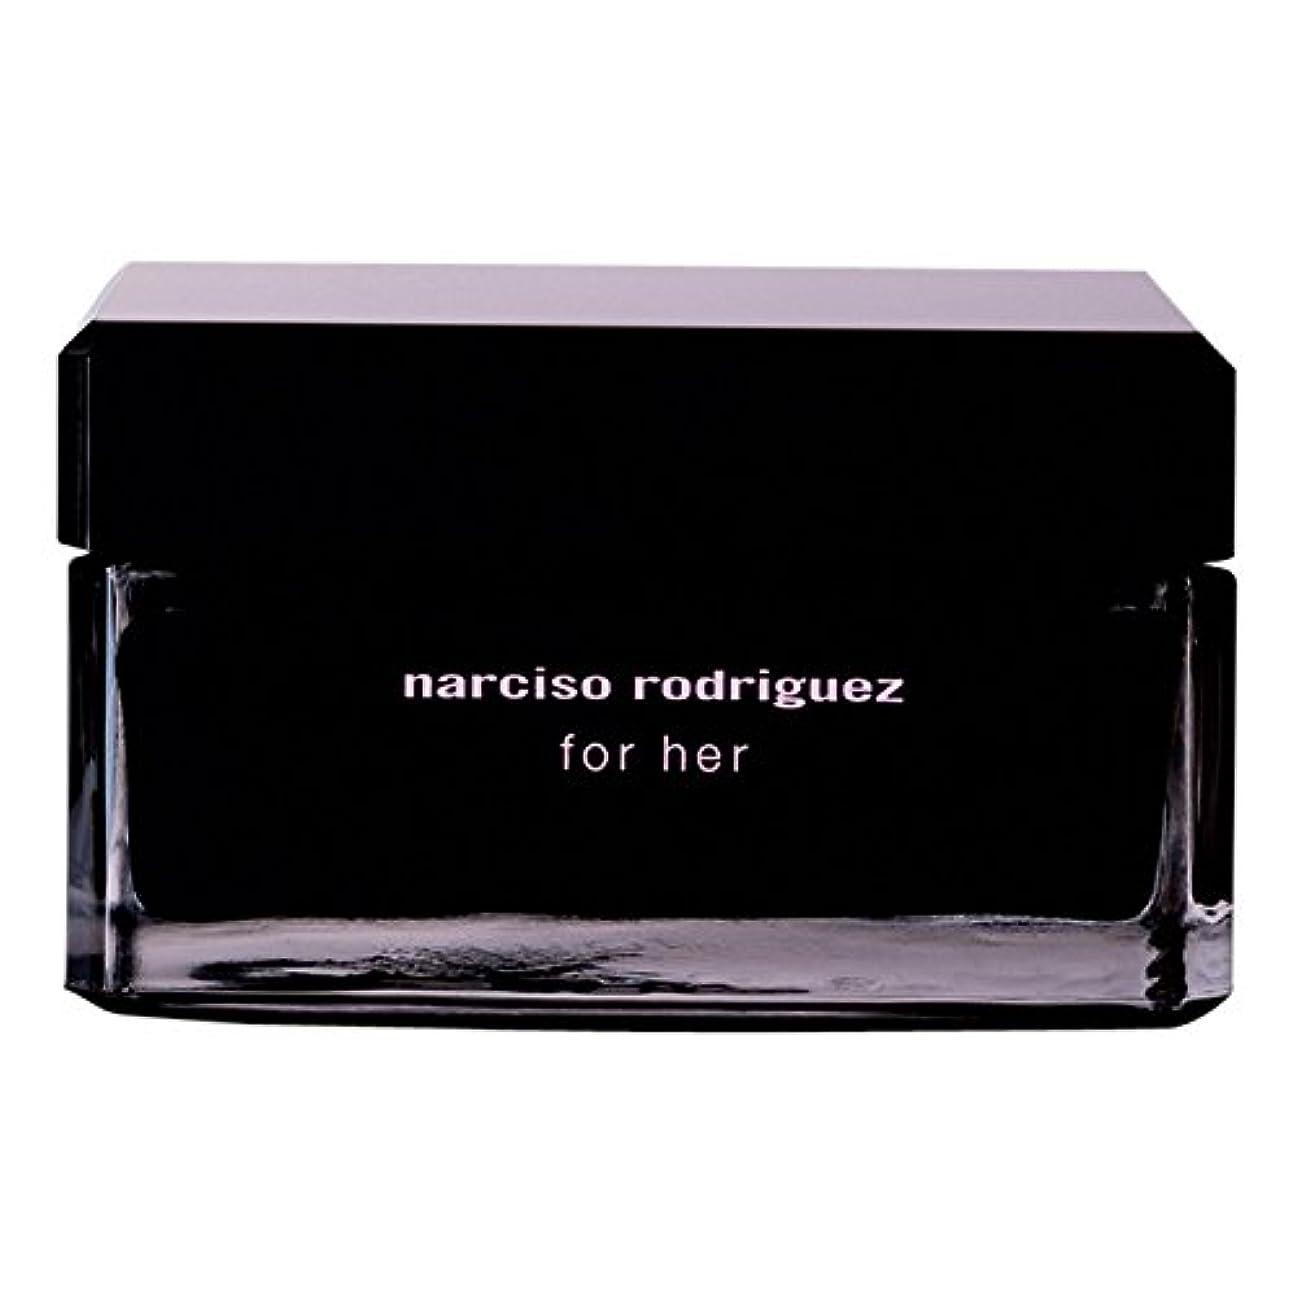 割れ目田舎スキムナルシソ?ロドリゲスボディクリーム150ミリリットル (Narciso Rodriguez) - Narciso Rodriguez Body Cream 150ml [並行輸入品]